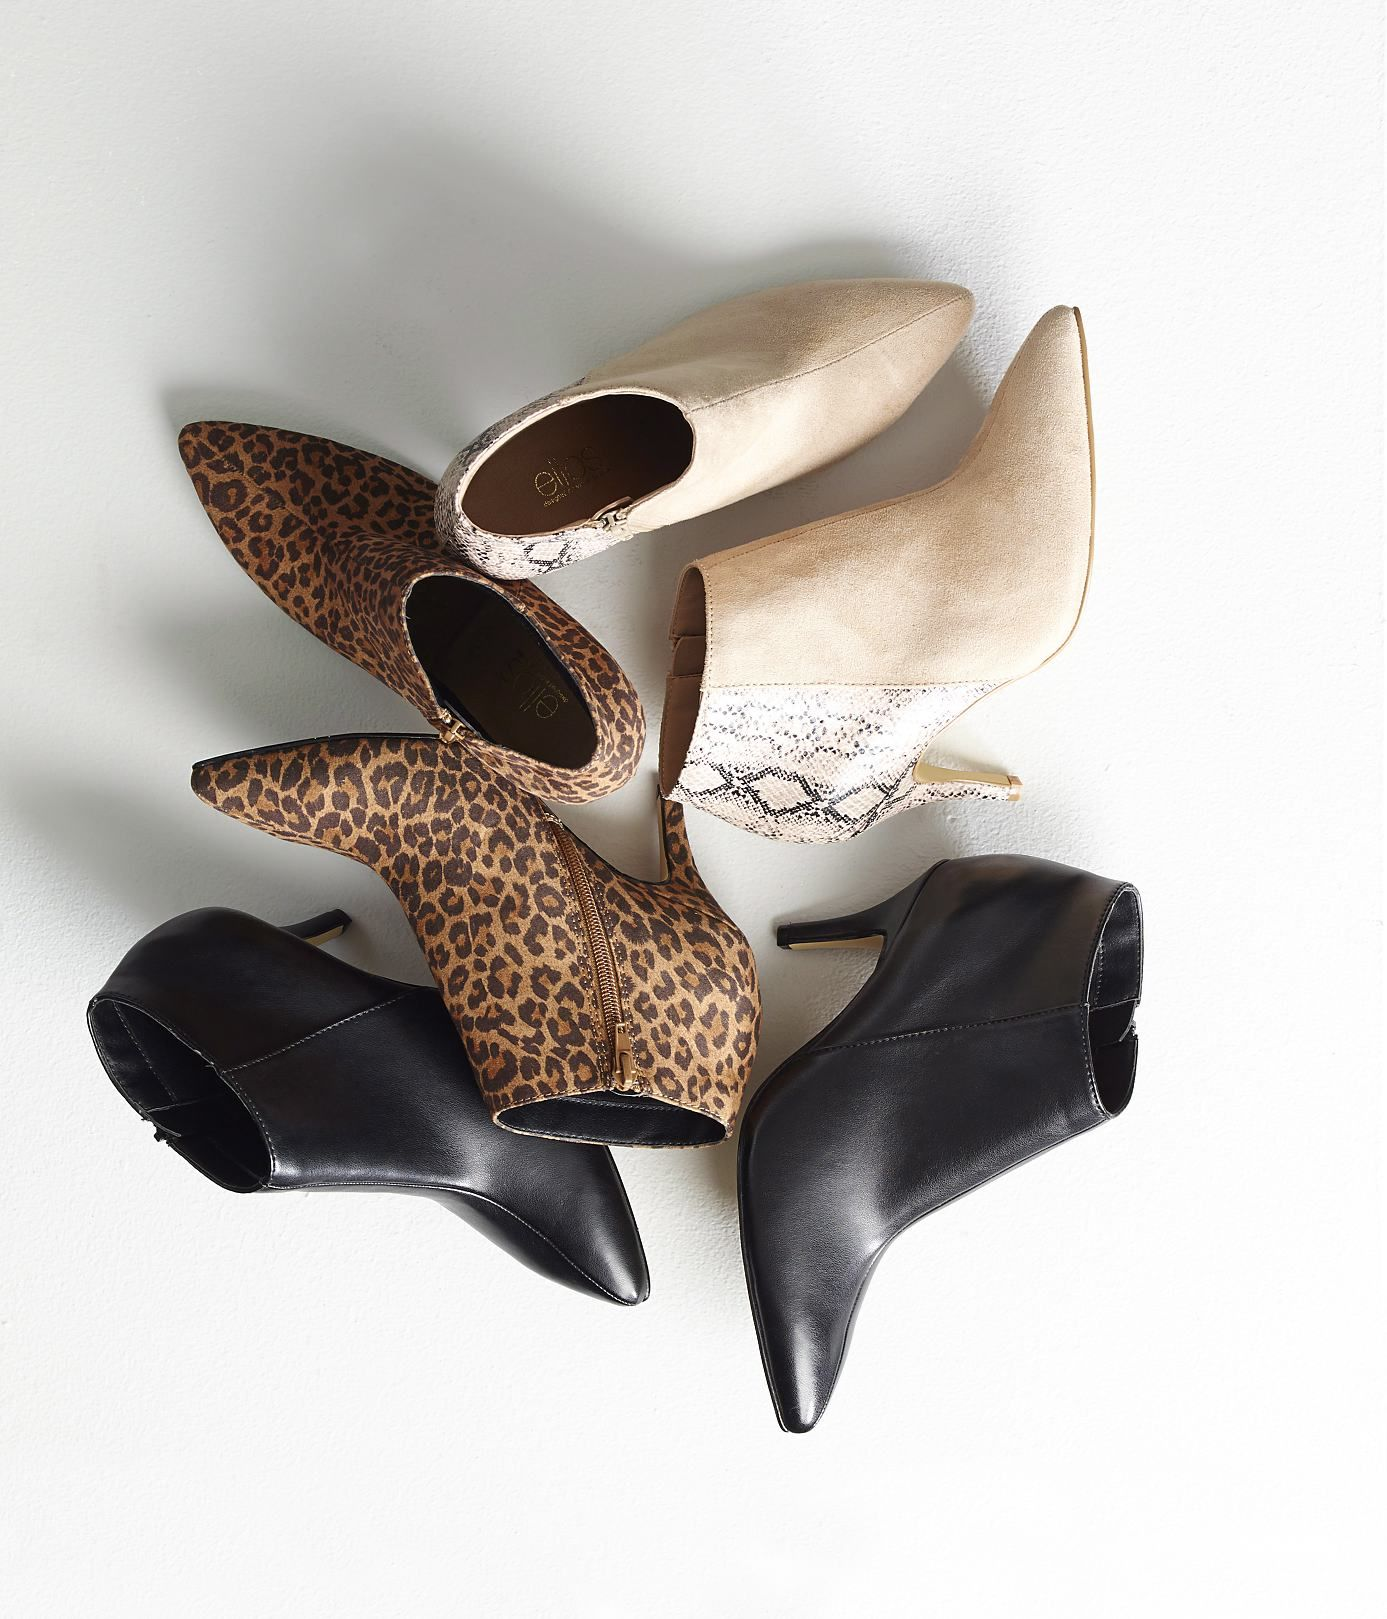 Pumps #ellosshoes #pumps | Damskor, Pumps, Skor